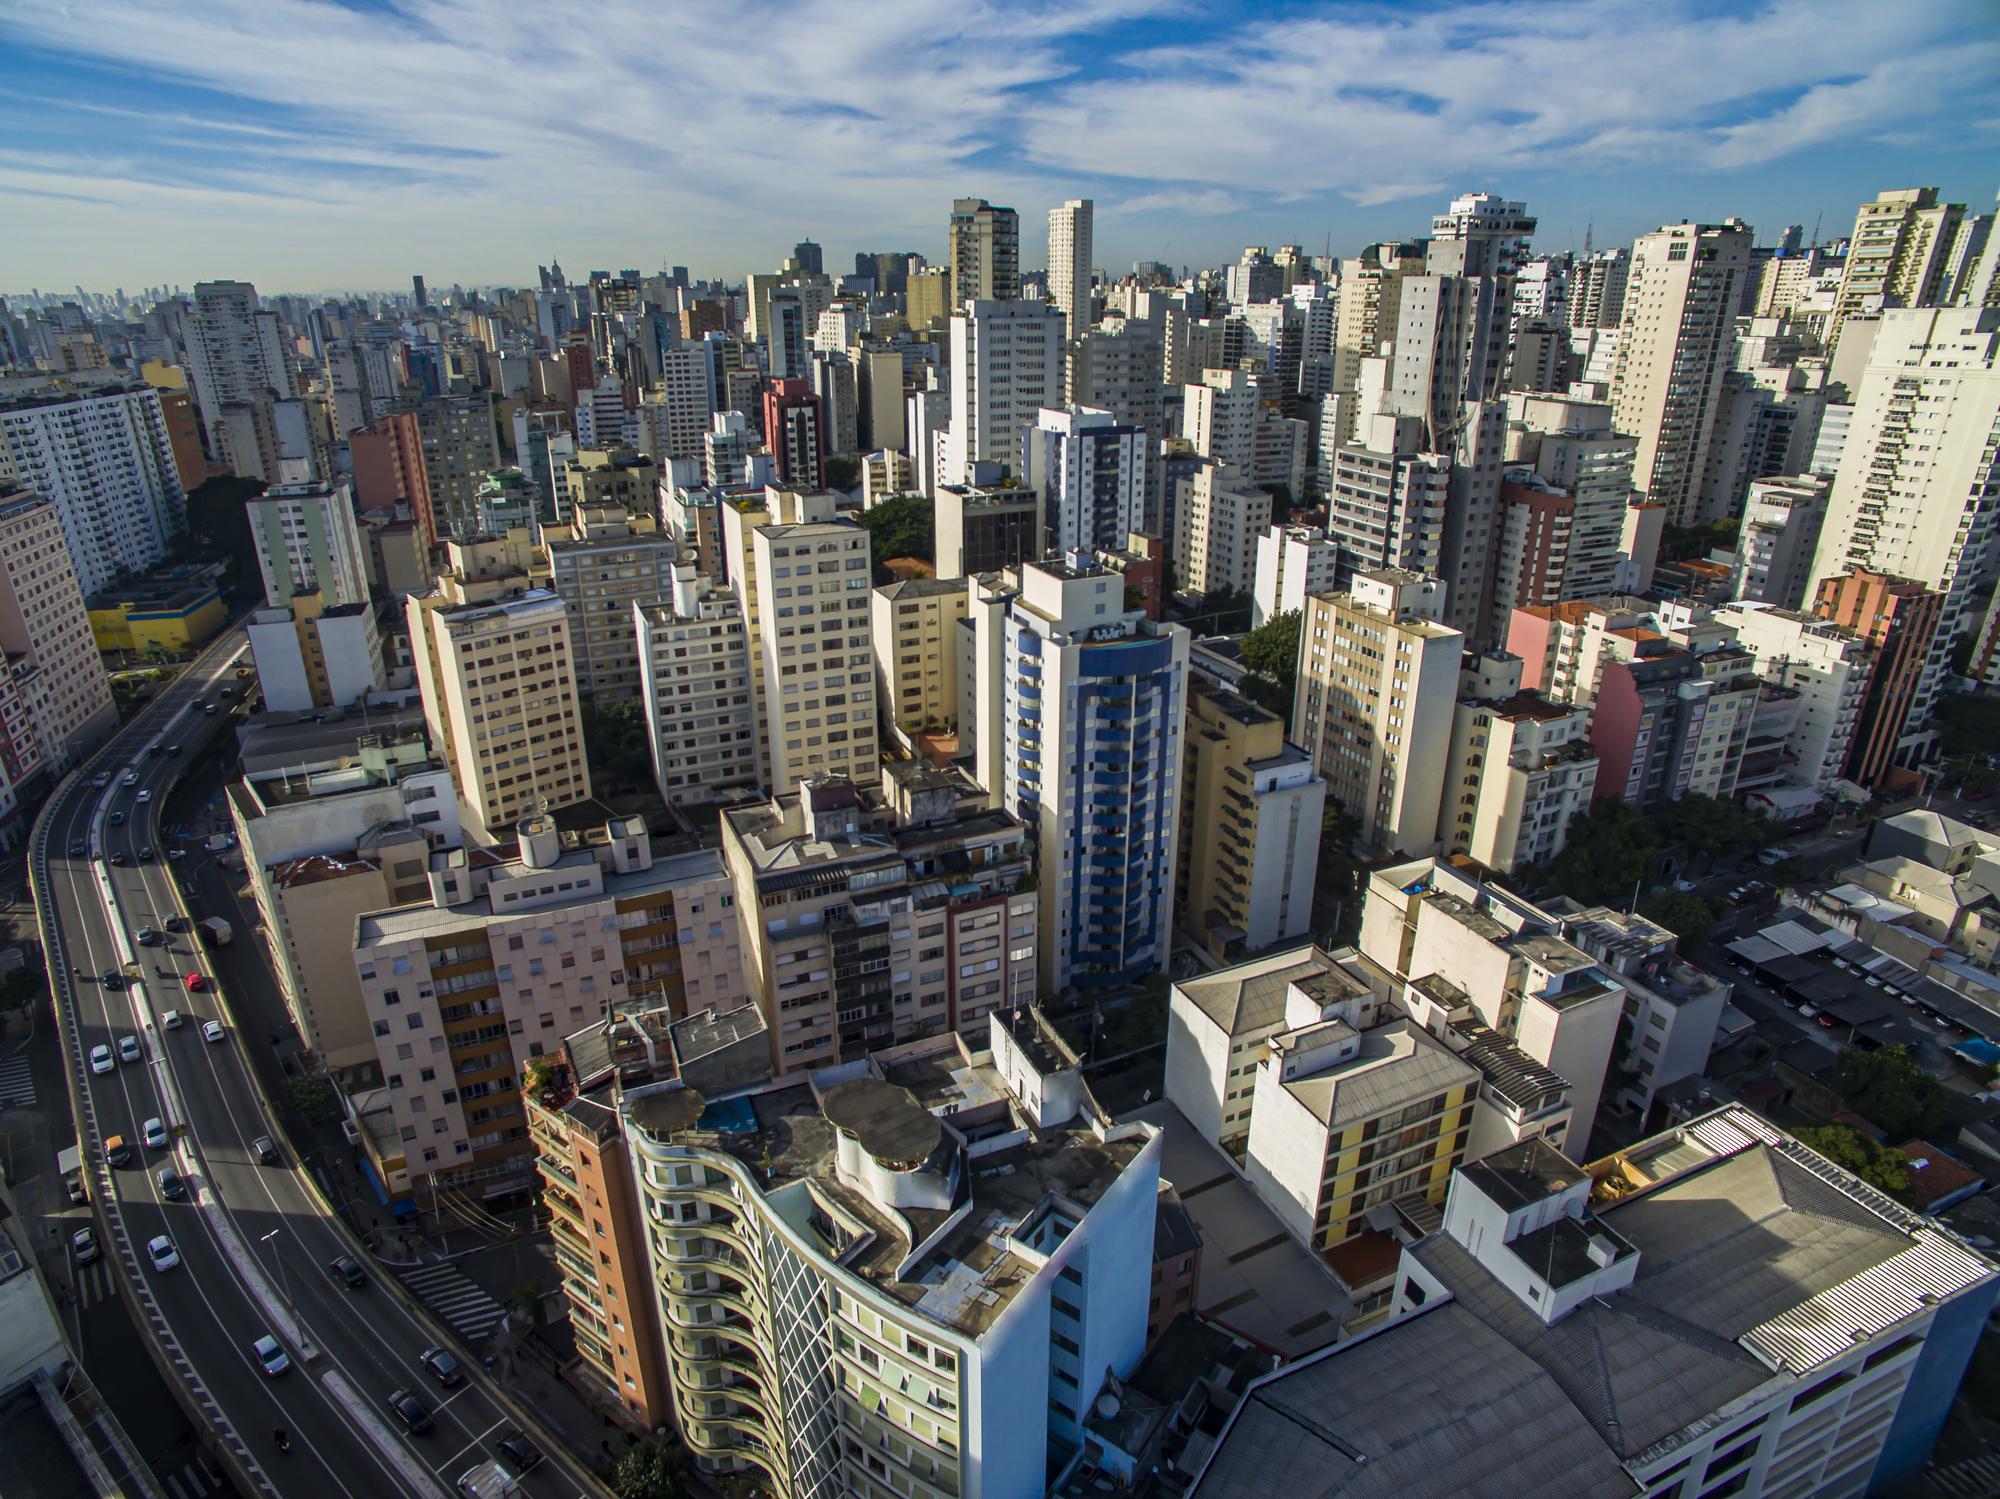 4 usos de inteligência geográfica para estudo do mercado imobiliário